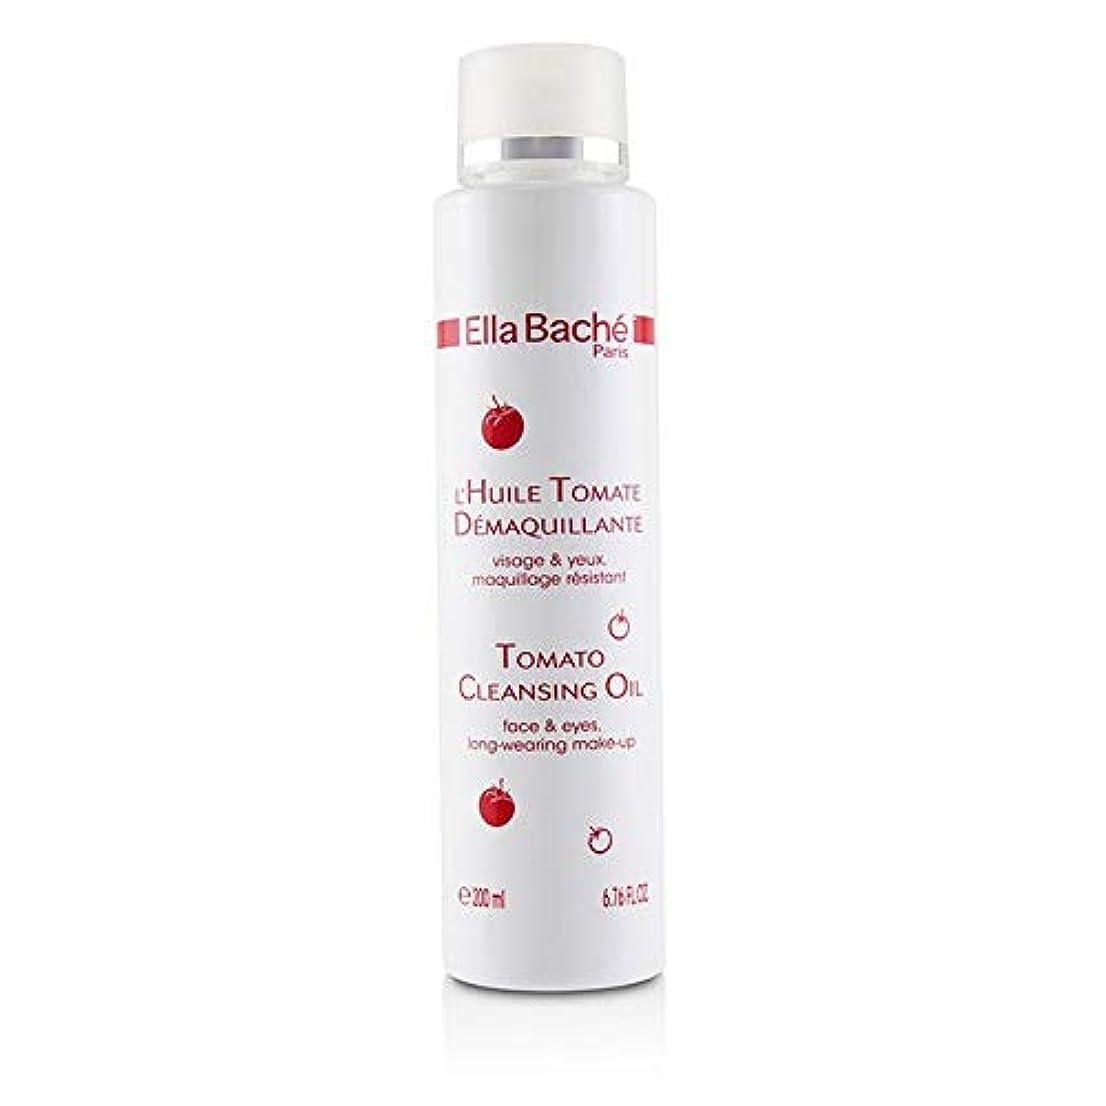 つま先質量没頭するエラバシェ Tomato Cleansing Oil for Face & Eyes, Long-Wearing Make-Up 200ml/6.76oz並行輸入品